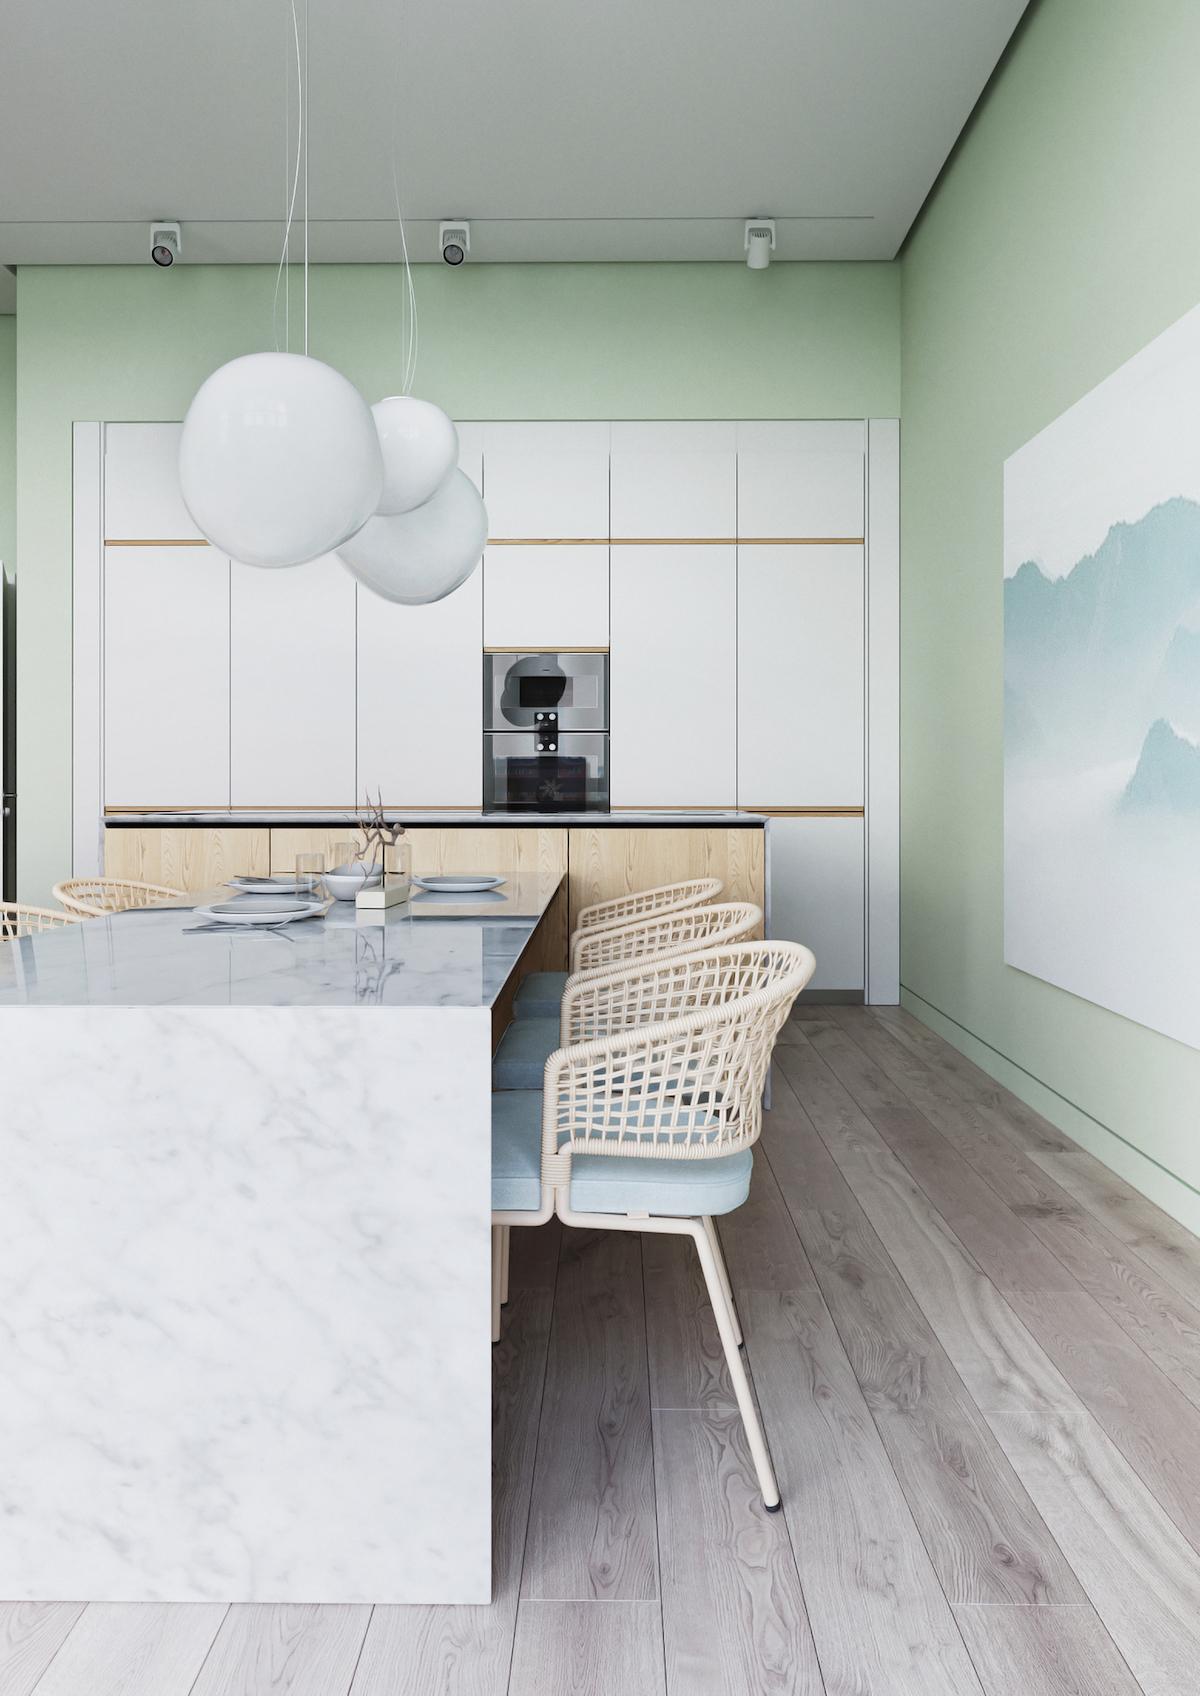 cuisine ouverte blanc bois vert clair marbre - blog design